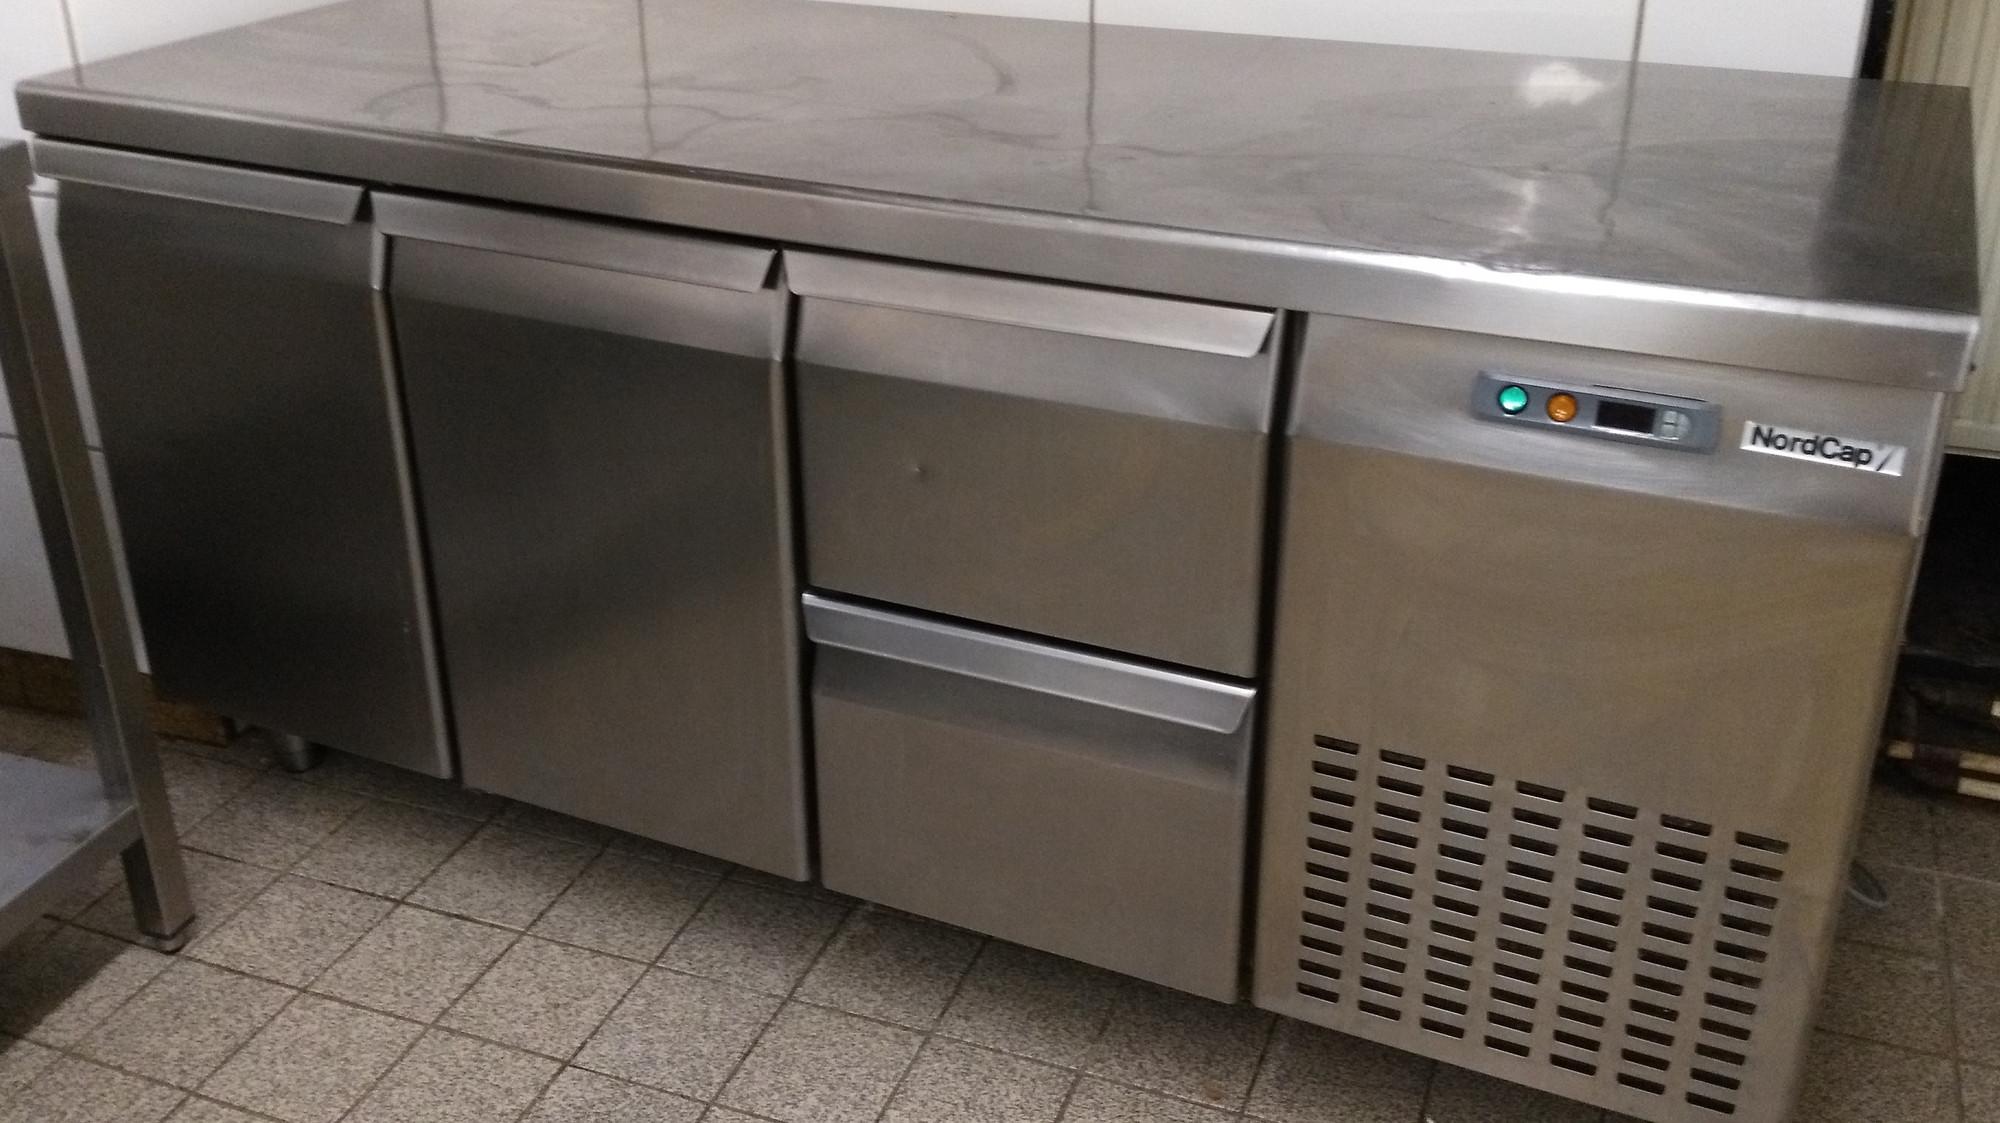 NordCap – Umluft Kühltisch, steckerfertig, gebraucht / nur